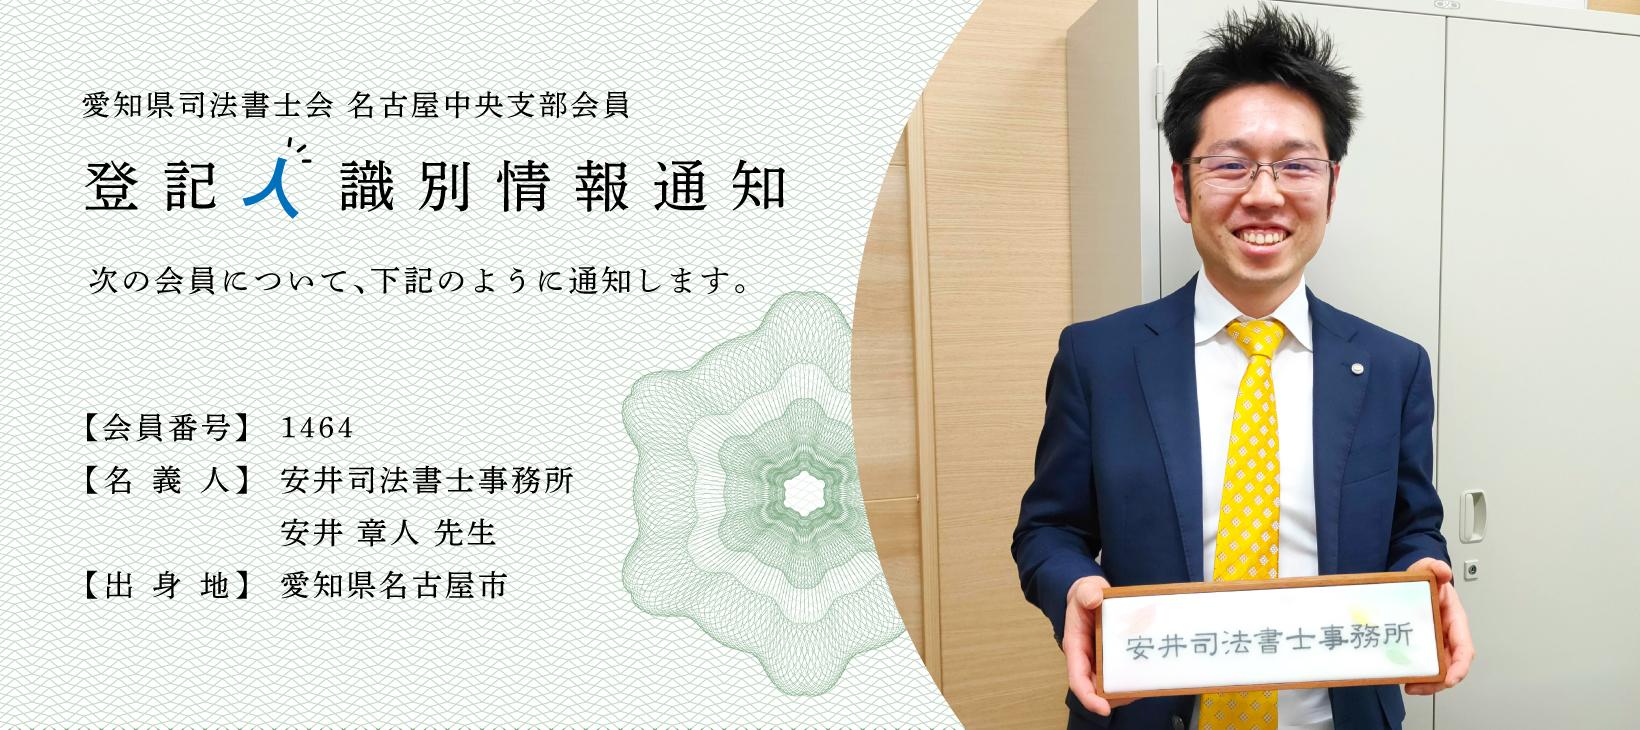 安井 章人 先生